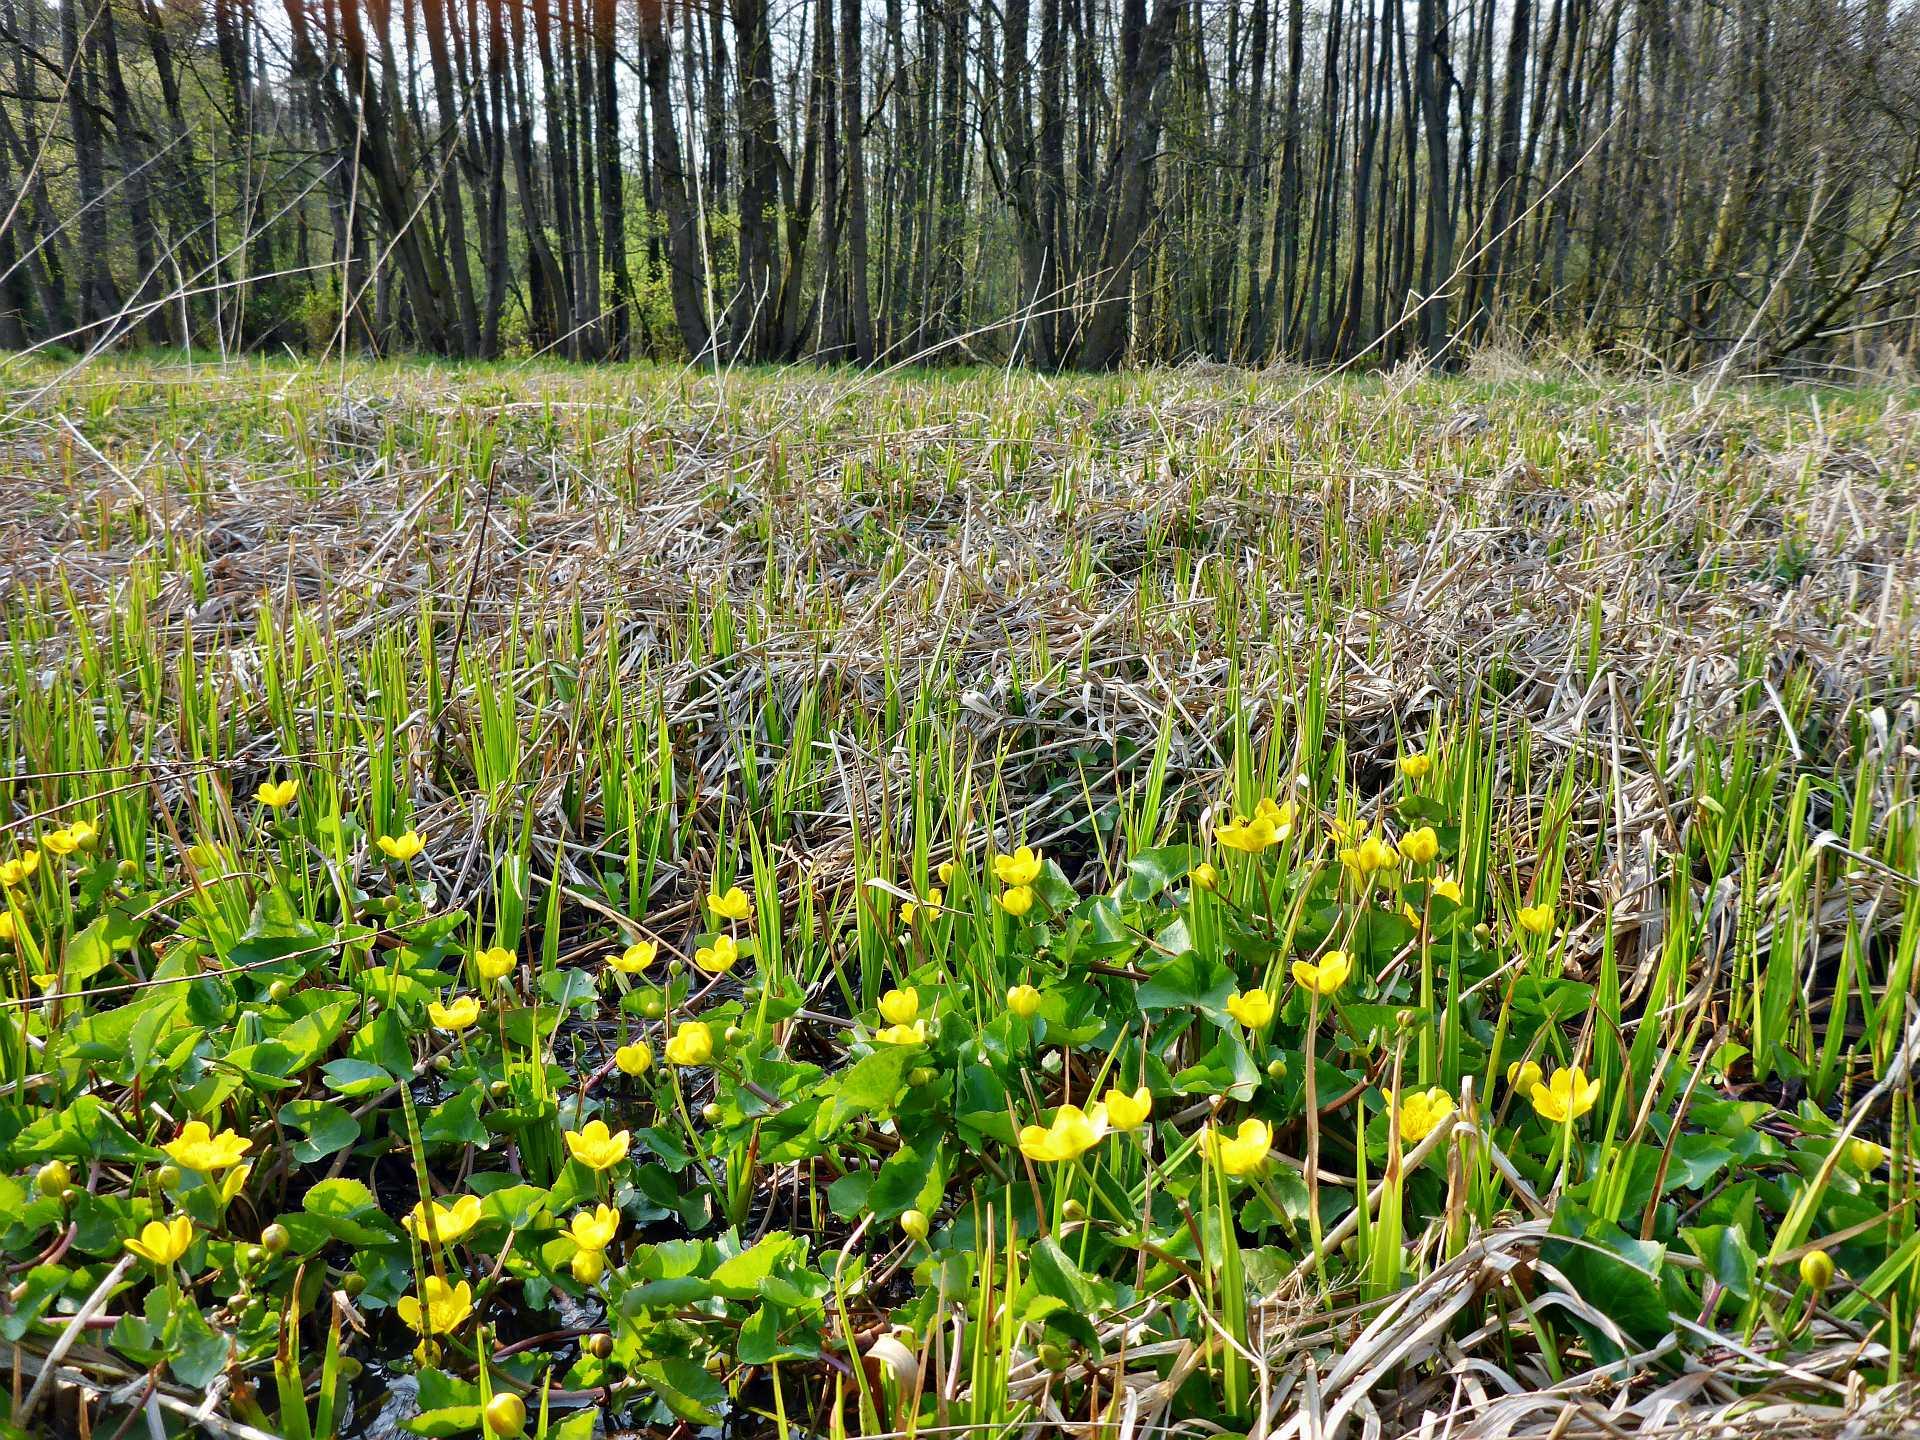 Sumpfdotterblumen - auch auf der Feuchtwiese am Rand des Auwaldes.